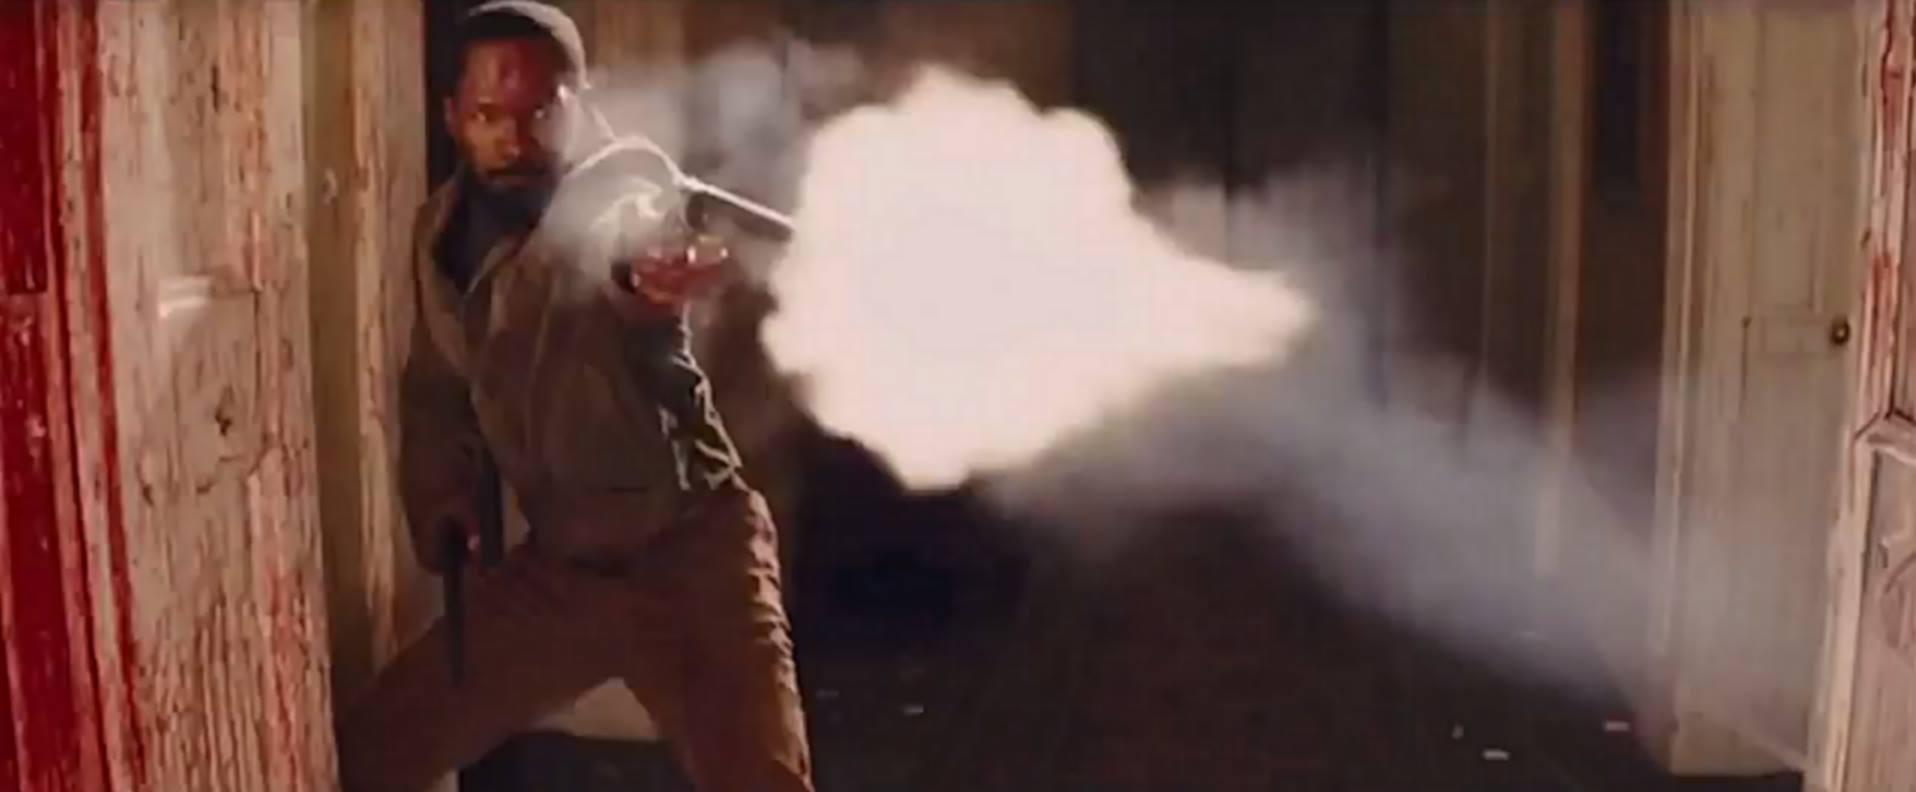 Django Unchained - Nejlepší filmová přestřelka vůbec